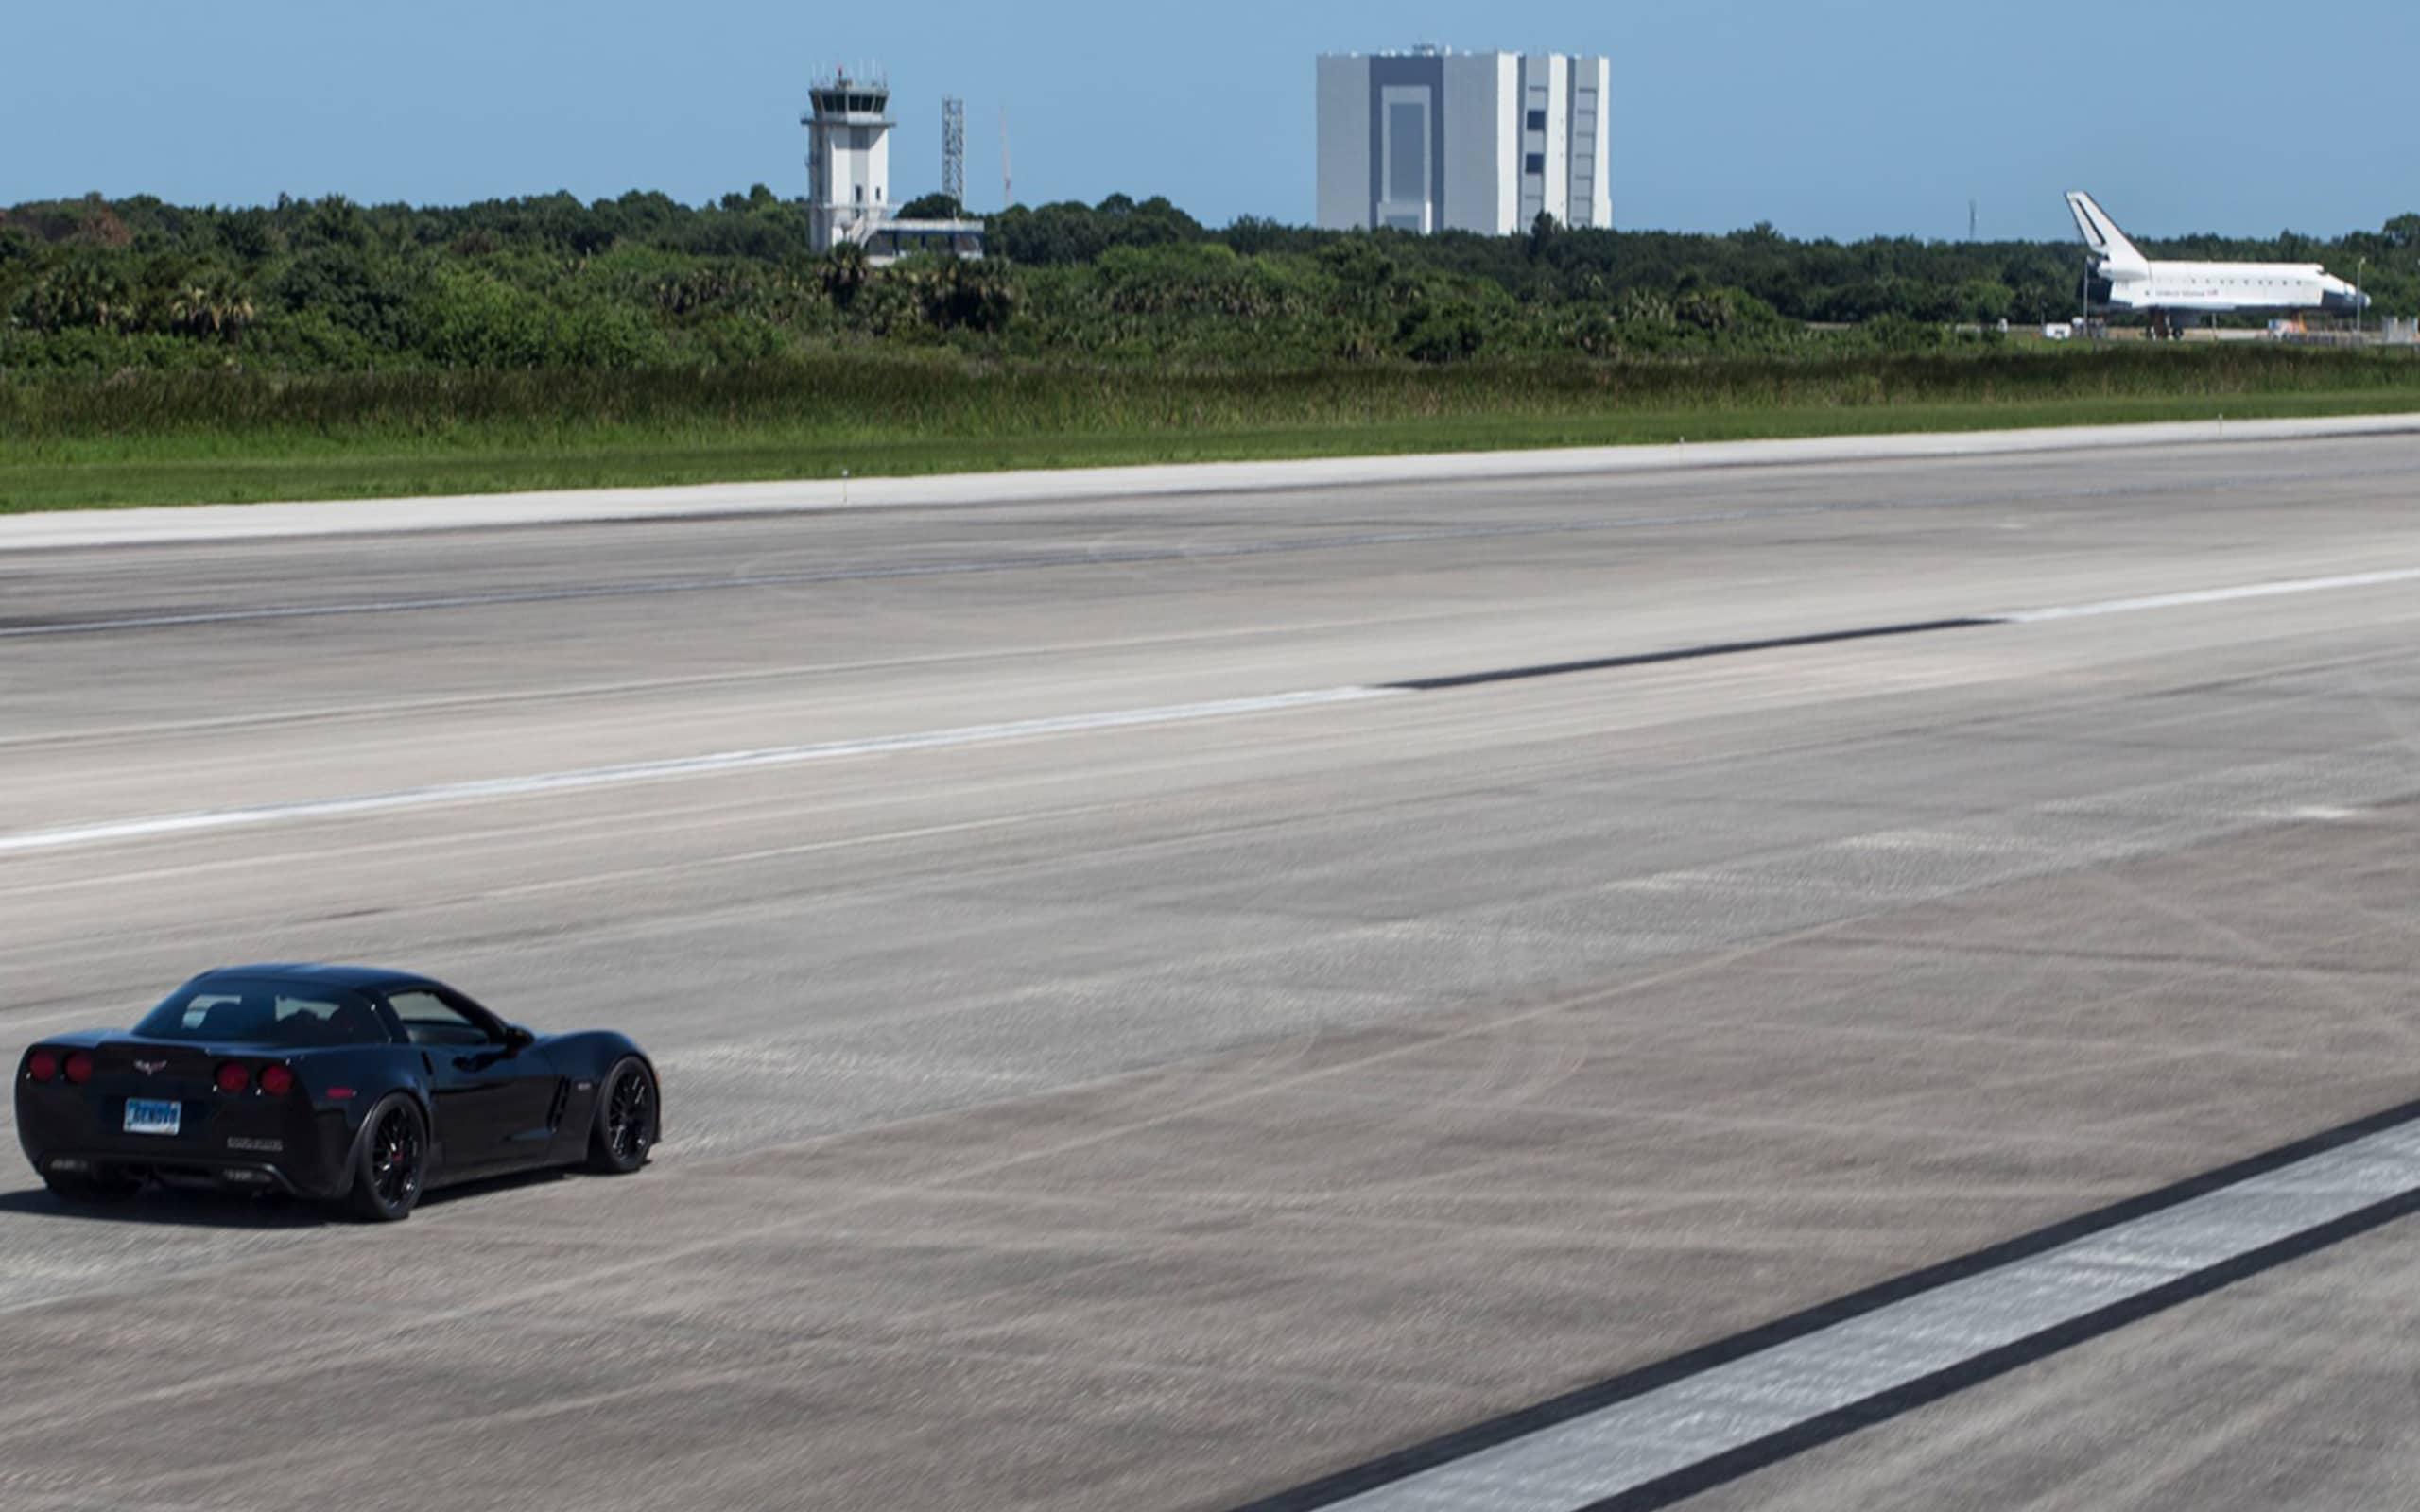 GXE : record du monde de vitesse pour une voiture électrique, 330,9 km/h 4